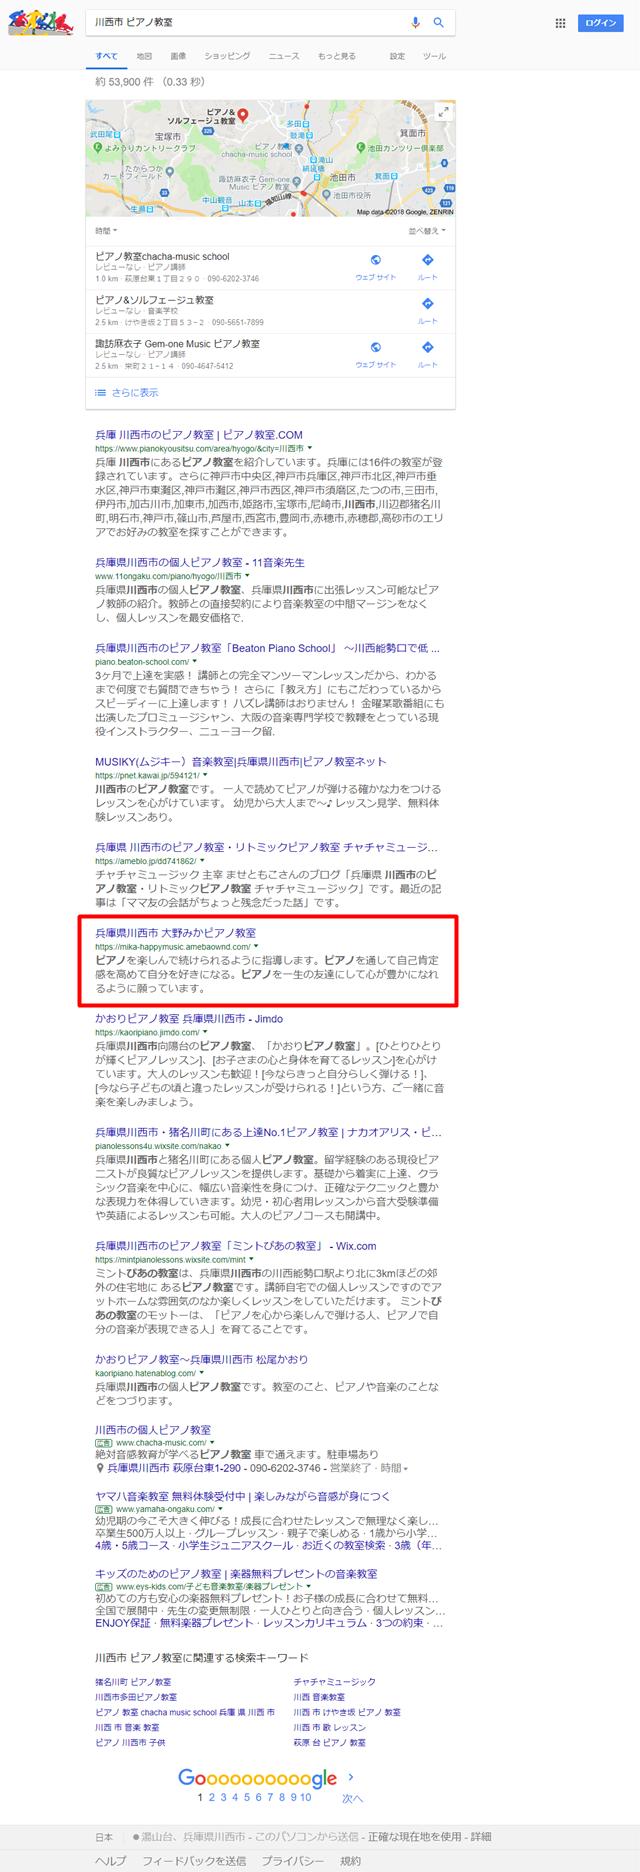 「川西市 ピアノ教室」のGoogle検索結果